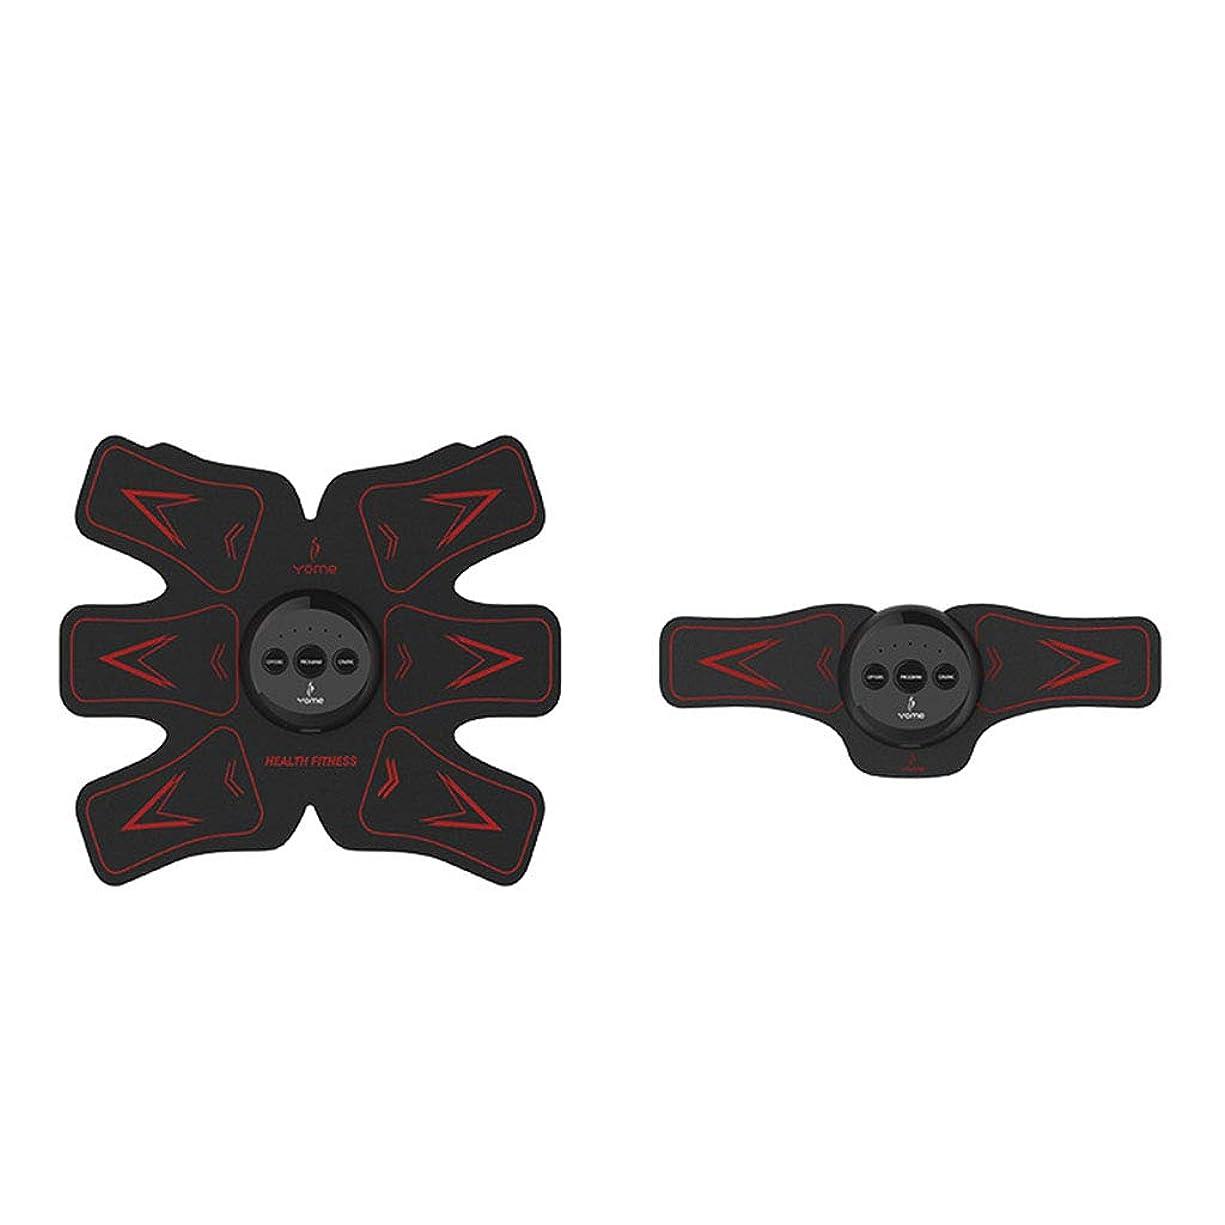 デッド登録するまぶしさフィットネス薄いベルト、ホームスマート筋肉トレーニングフィットネス機器腹筋トナー腹色ベルトボディボディビル腹部ベルト筋肉トナー筋肉腹部トレーナー (Color : BLACK, Size : 19*20CM)